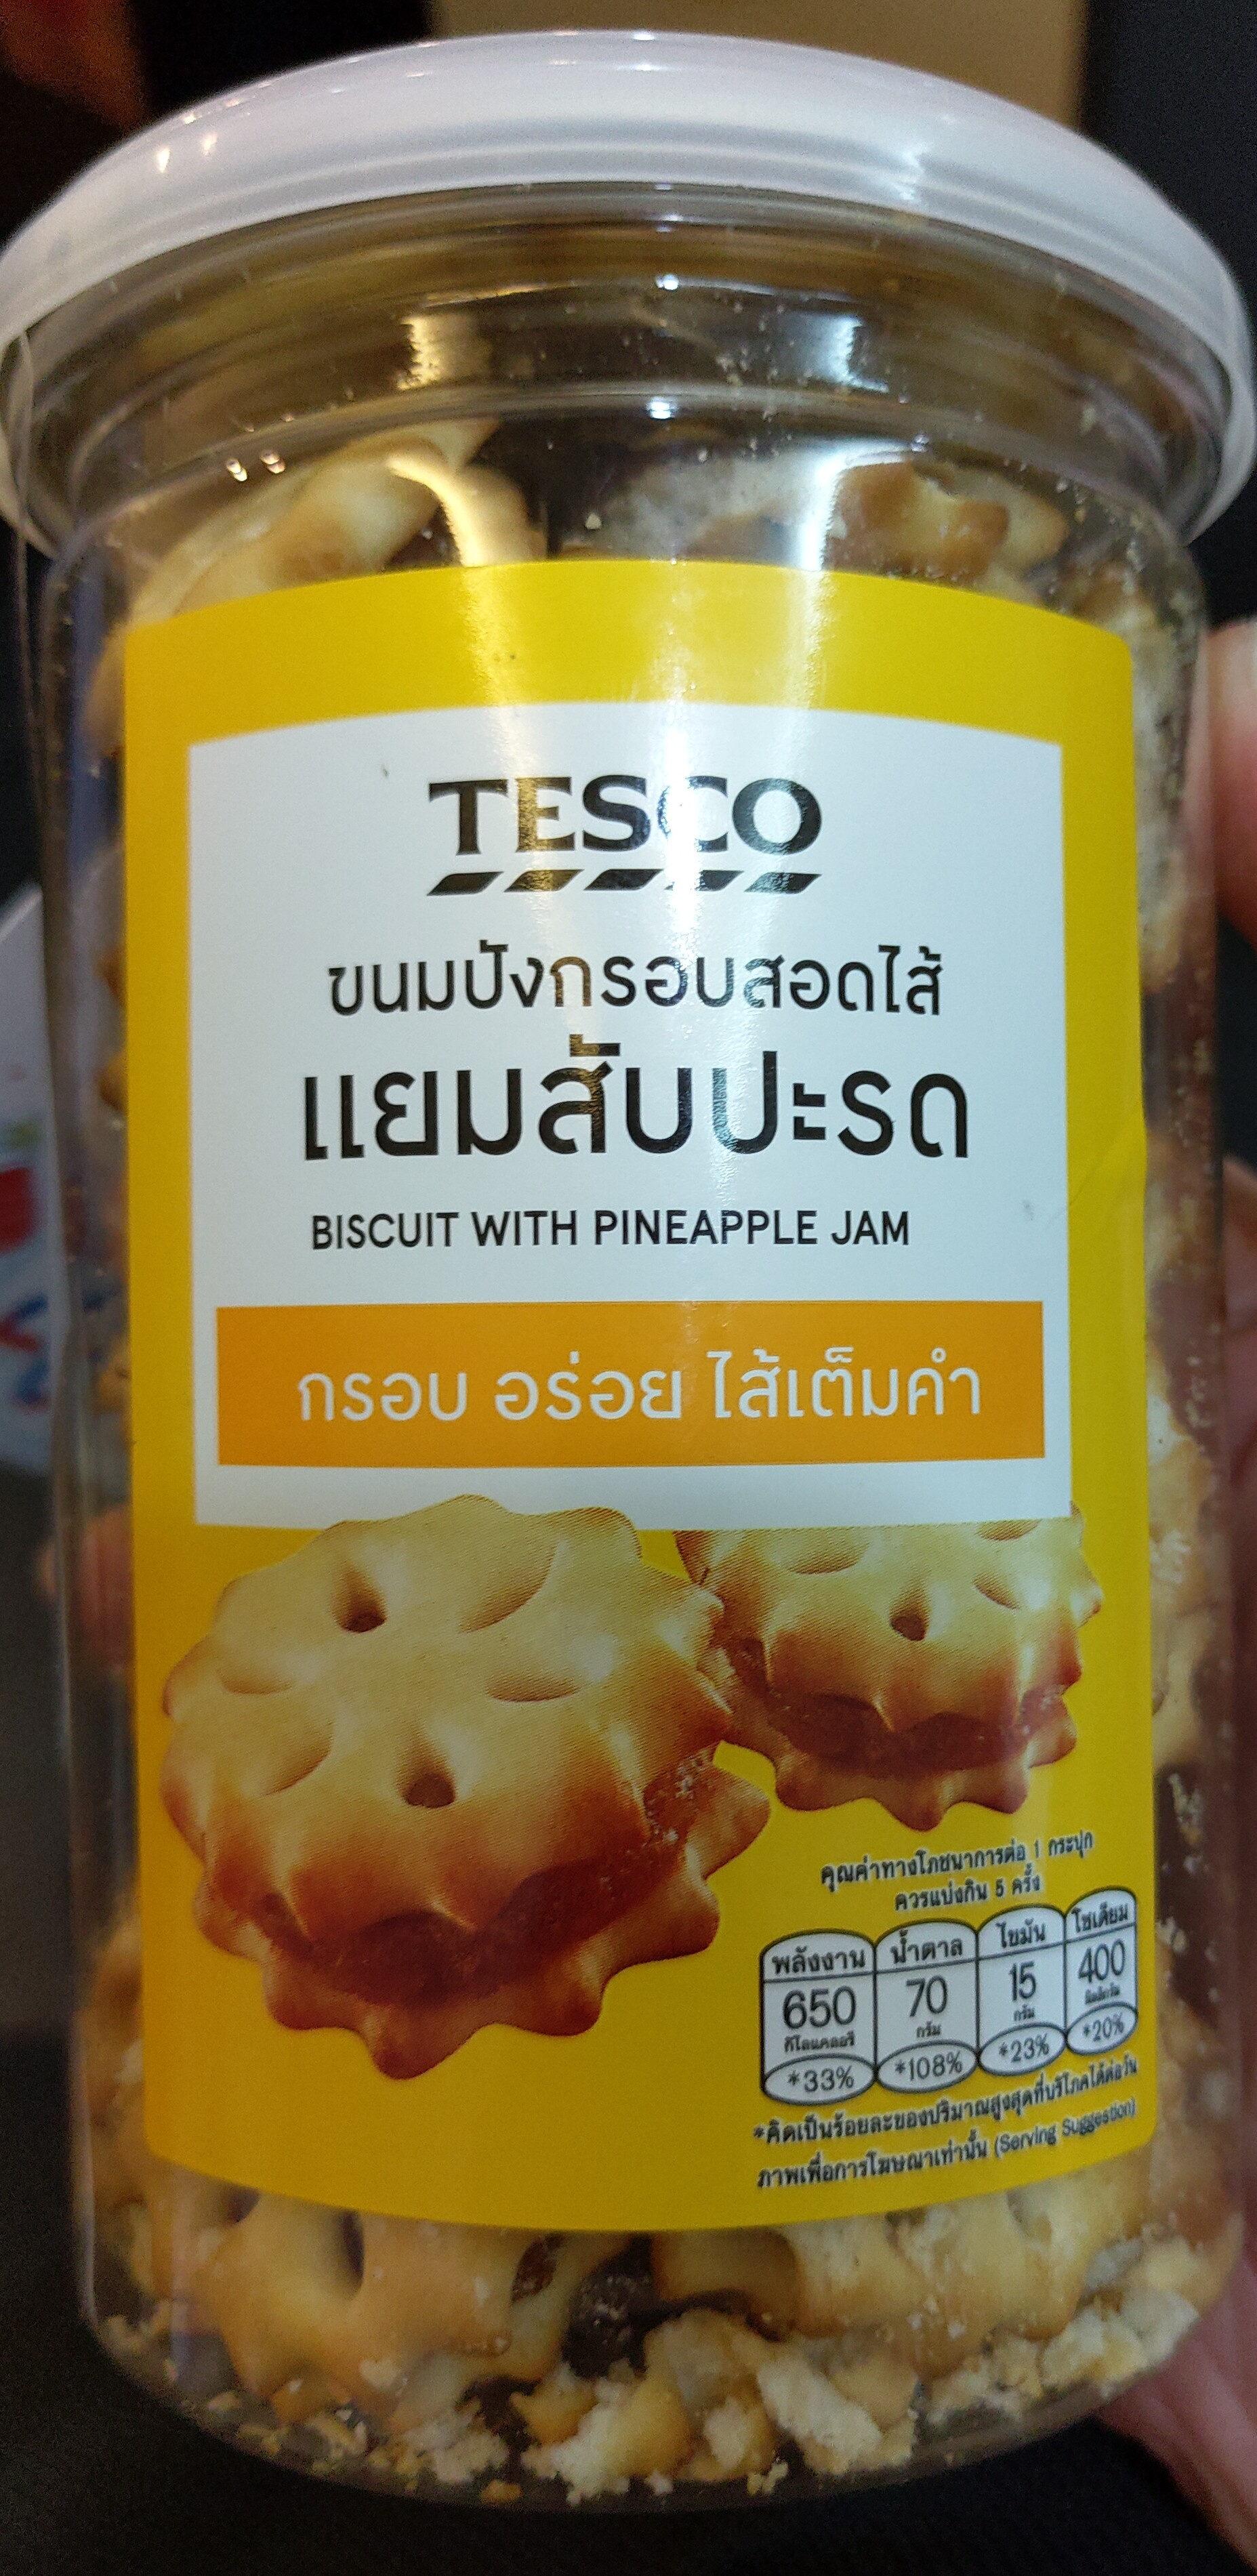 ขนมปังกรอบ สอดไส้ แยมสับปะรด - Prodotto - th